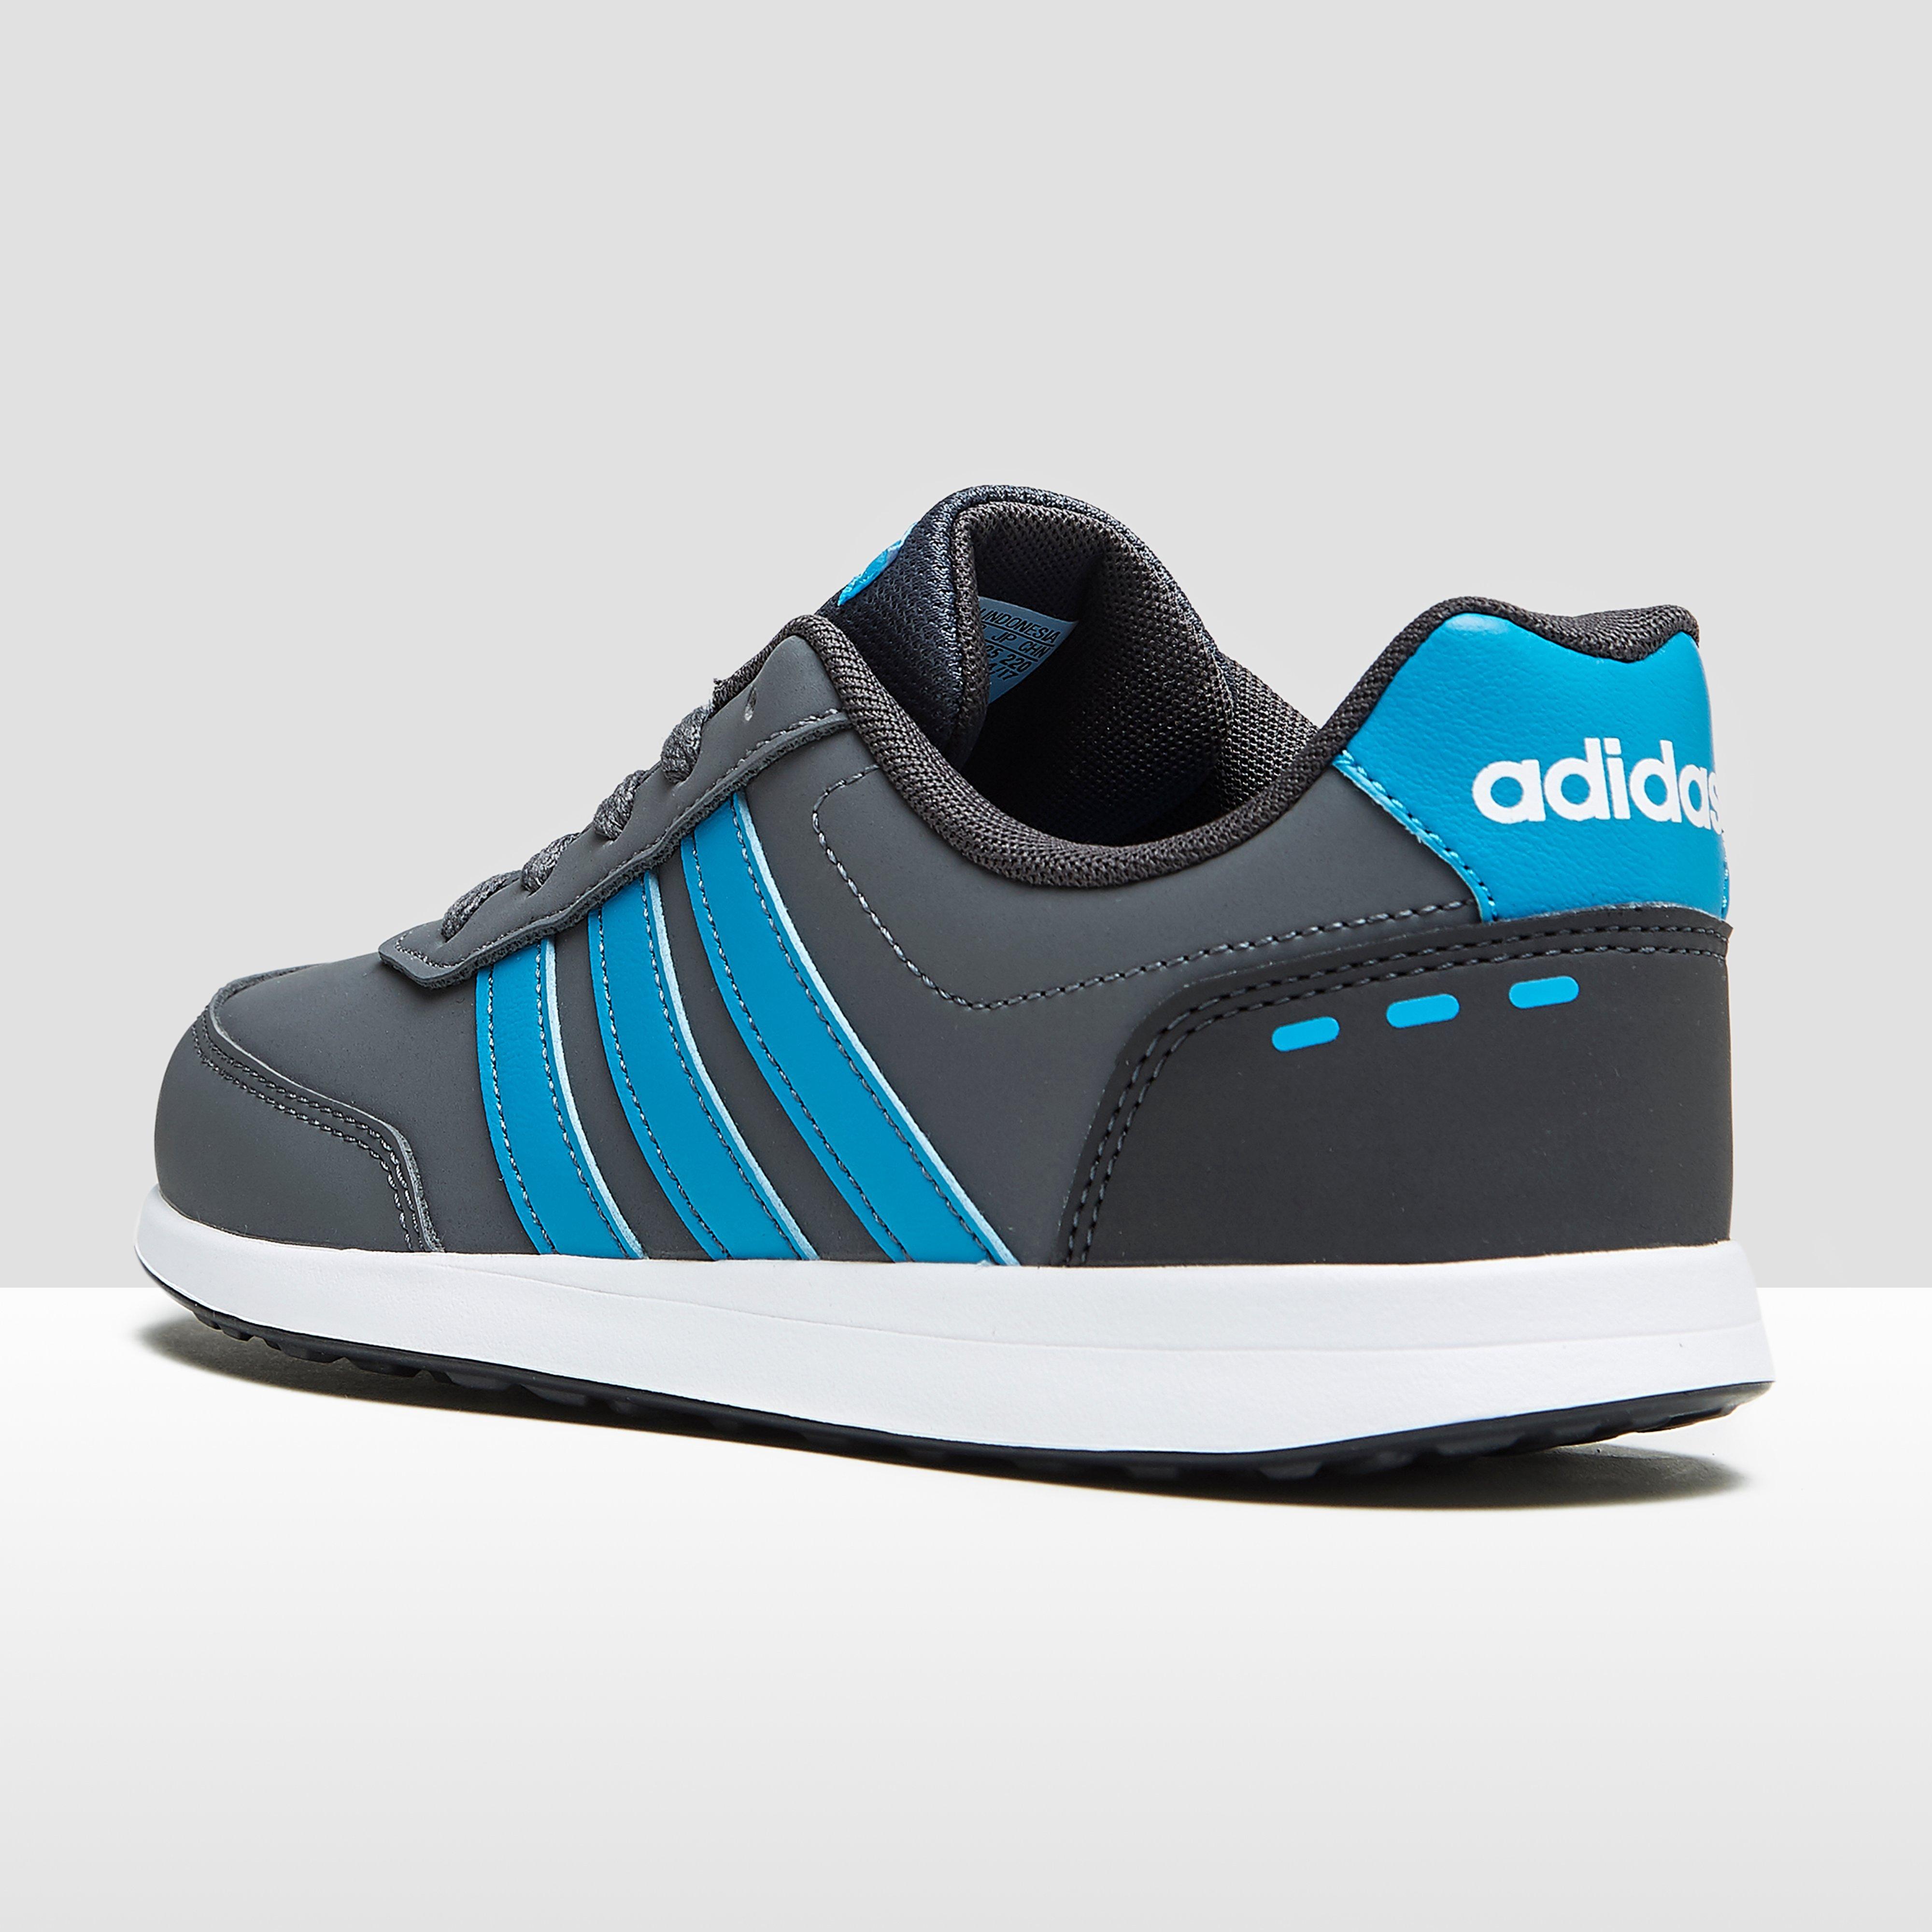 Adidas Vs Commutateur 2.0 Femmes (taille 38, Bleu)